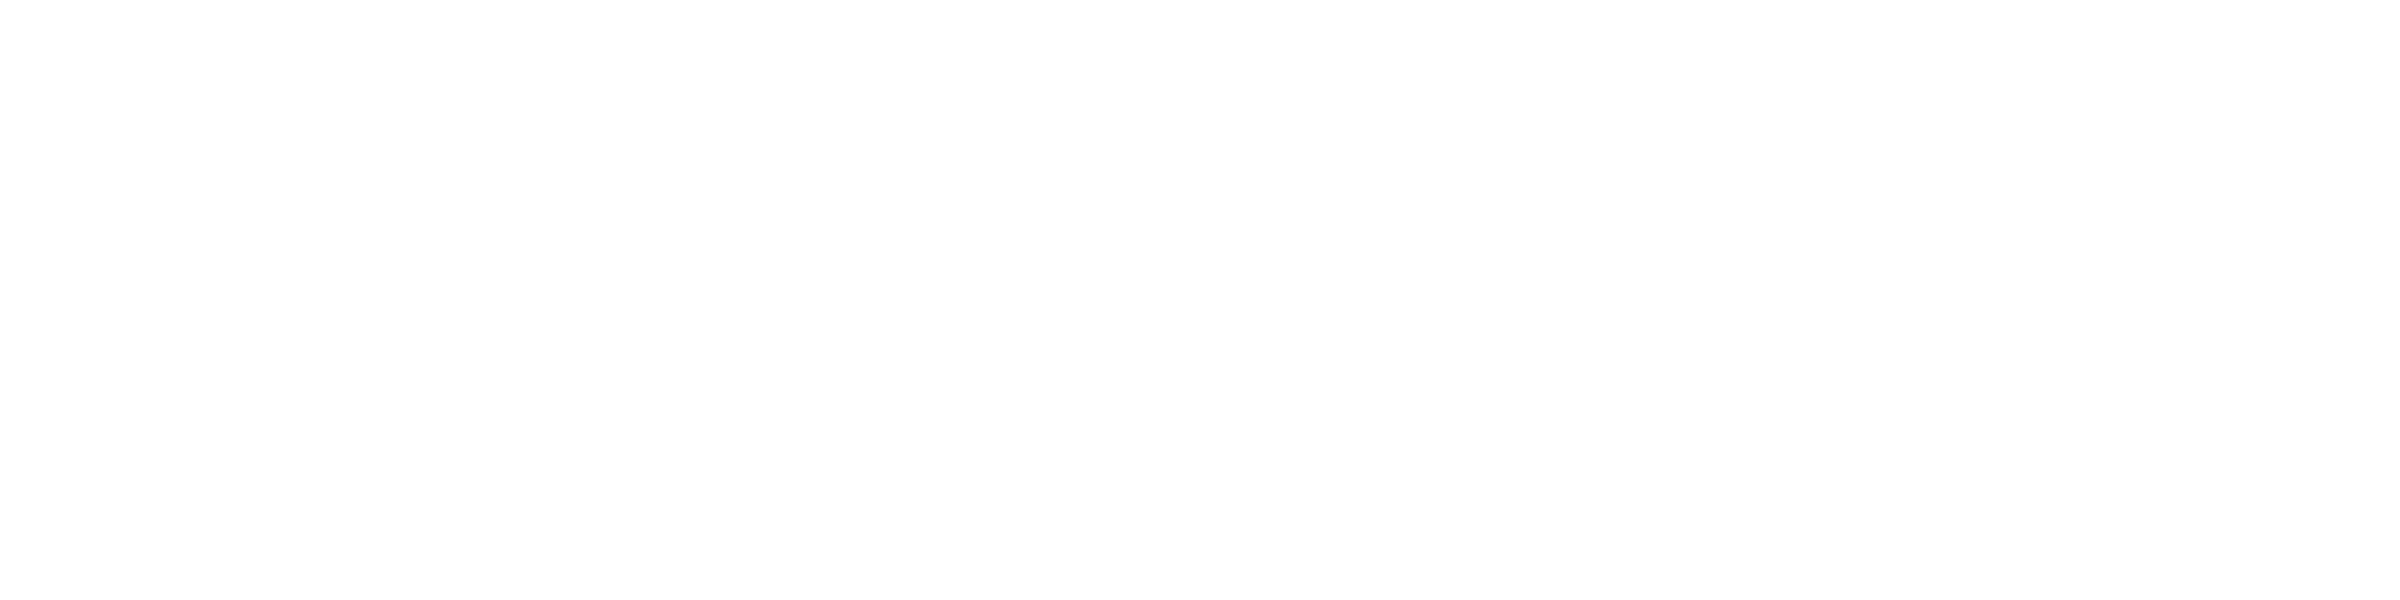 Logo Law firm Meisterernst Rechtsanwälte